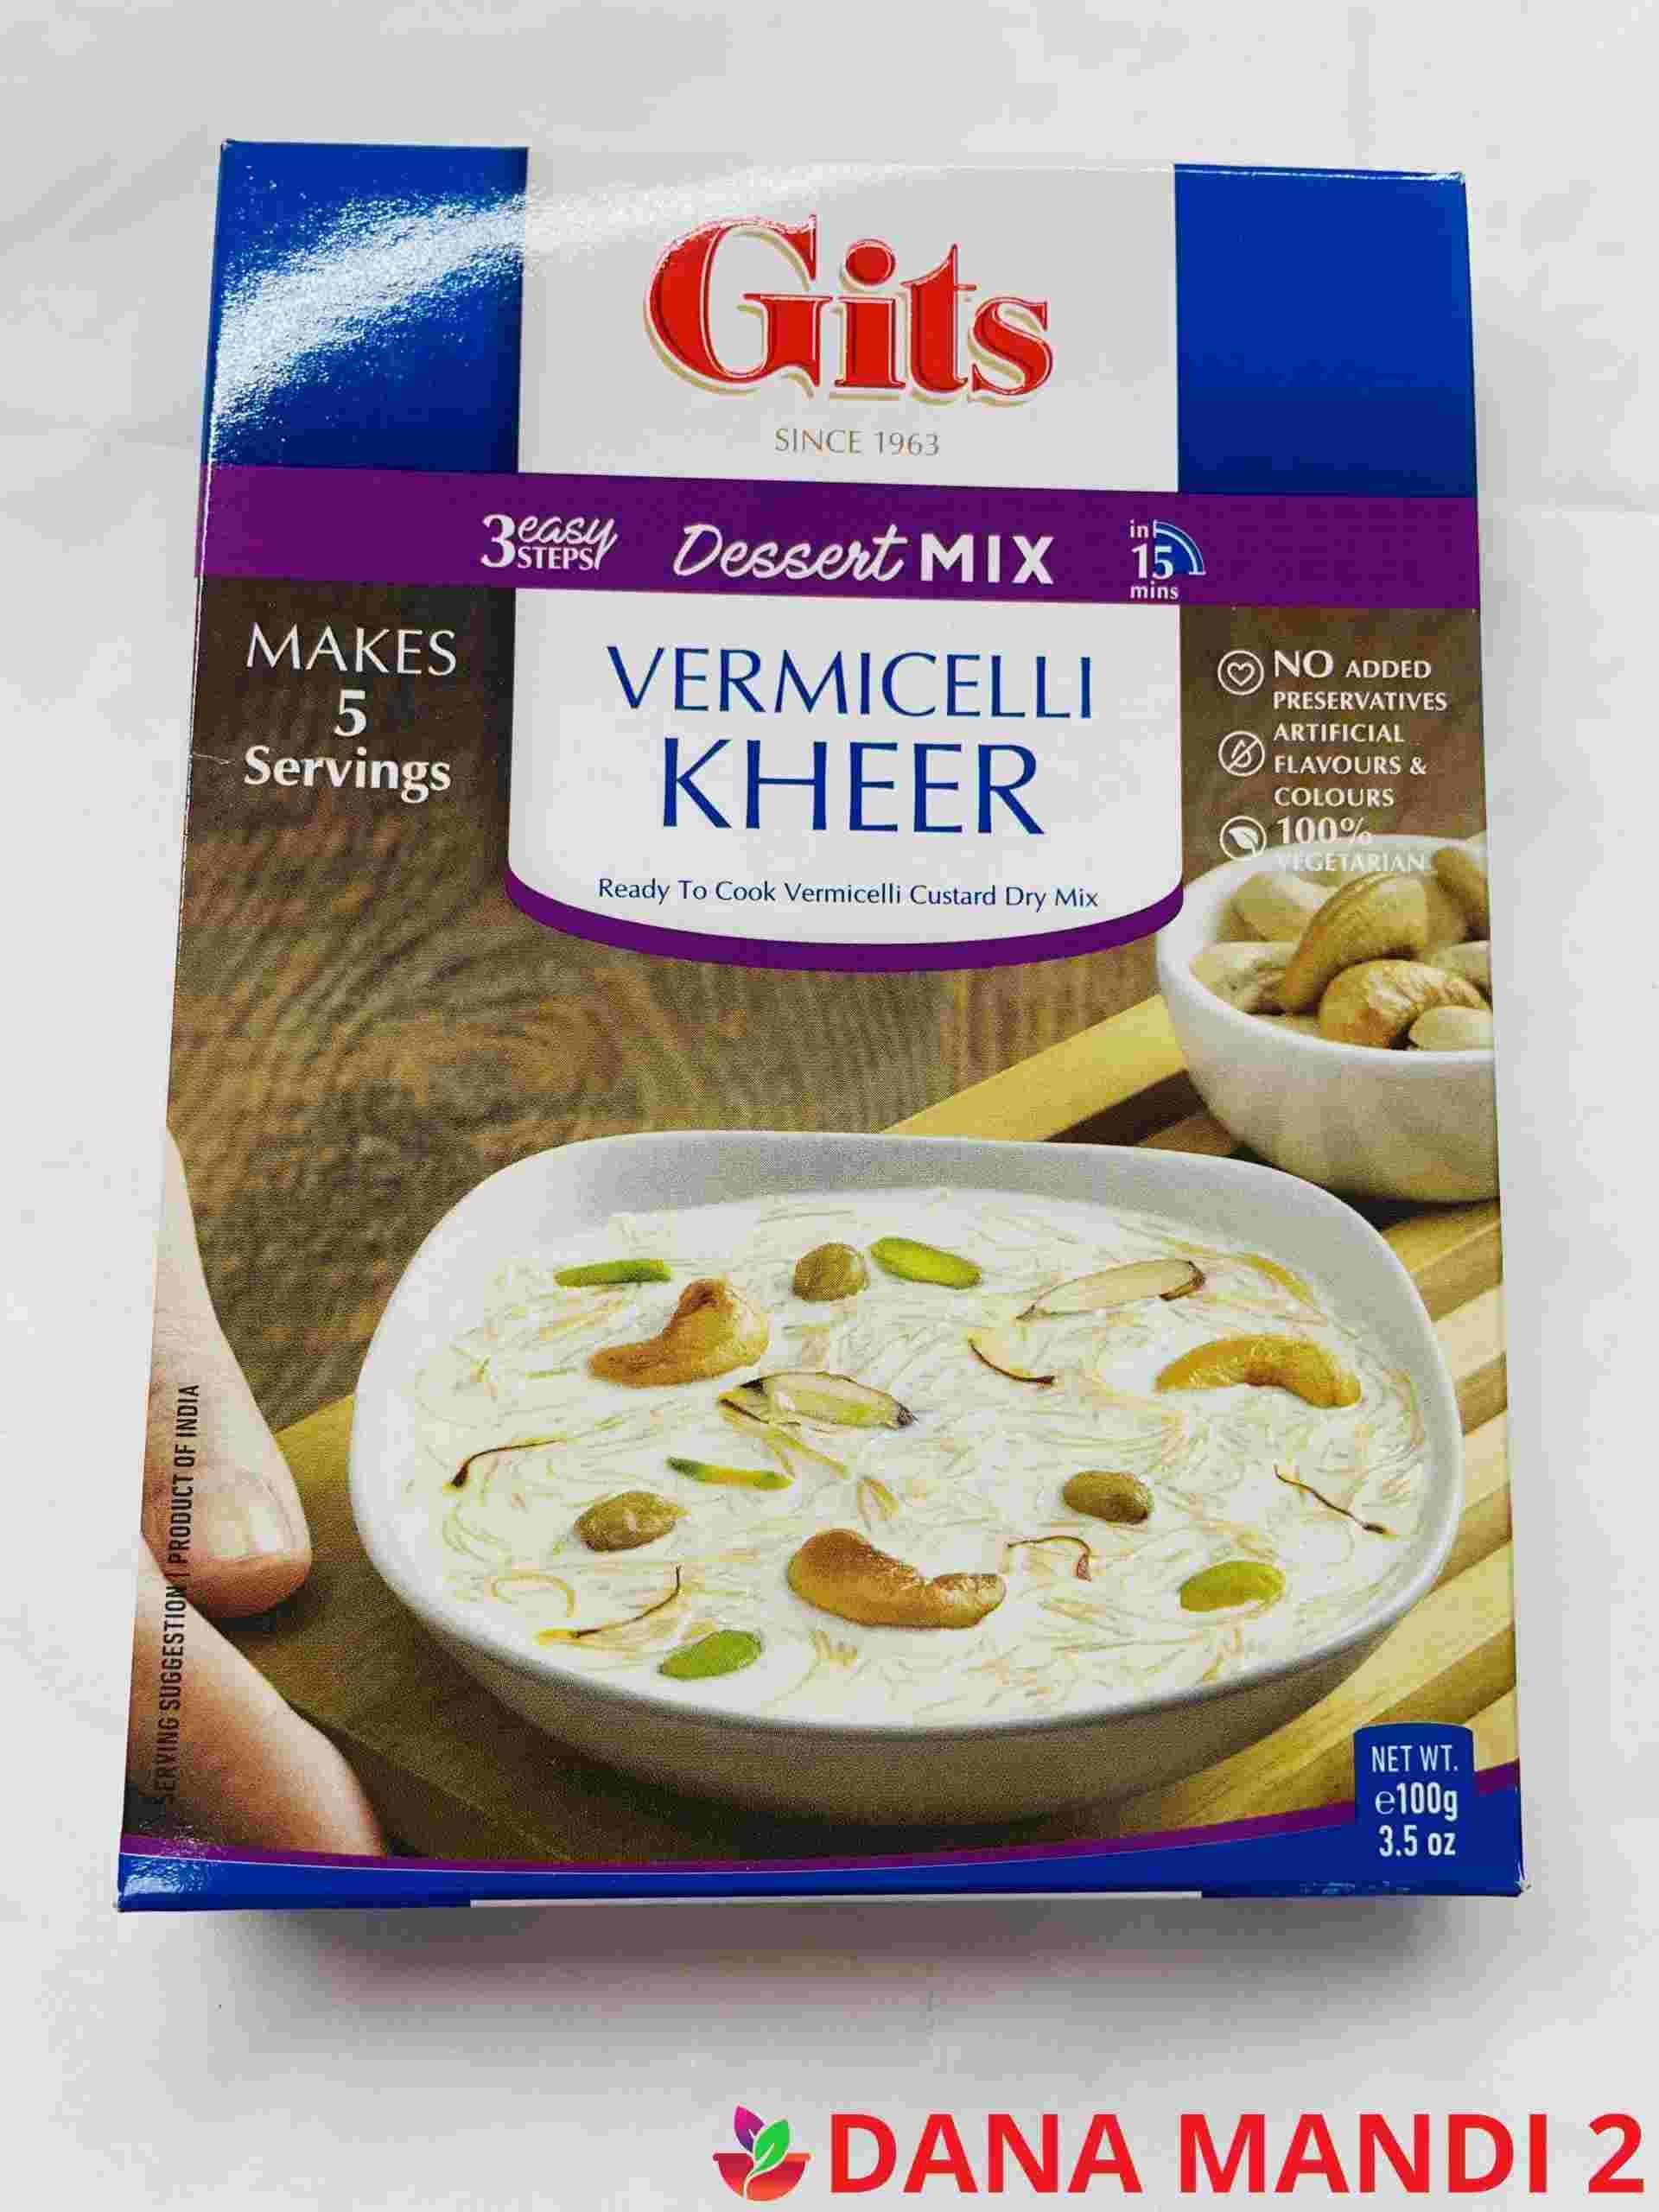 GITS Vermicelli Kheer Dessent Mix